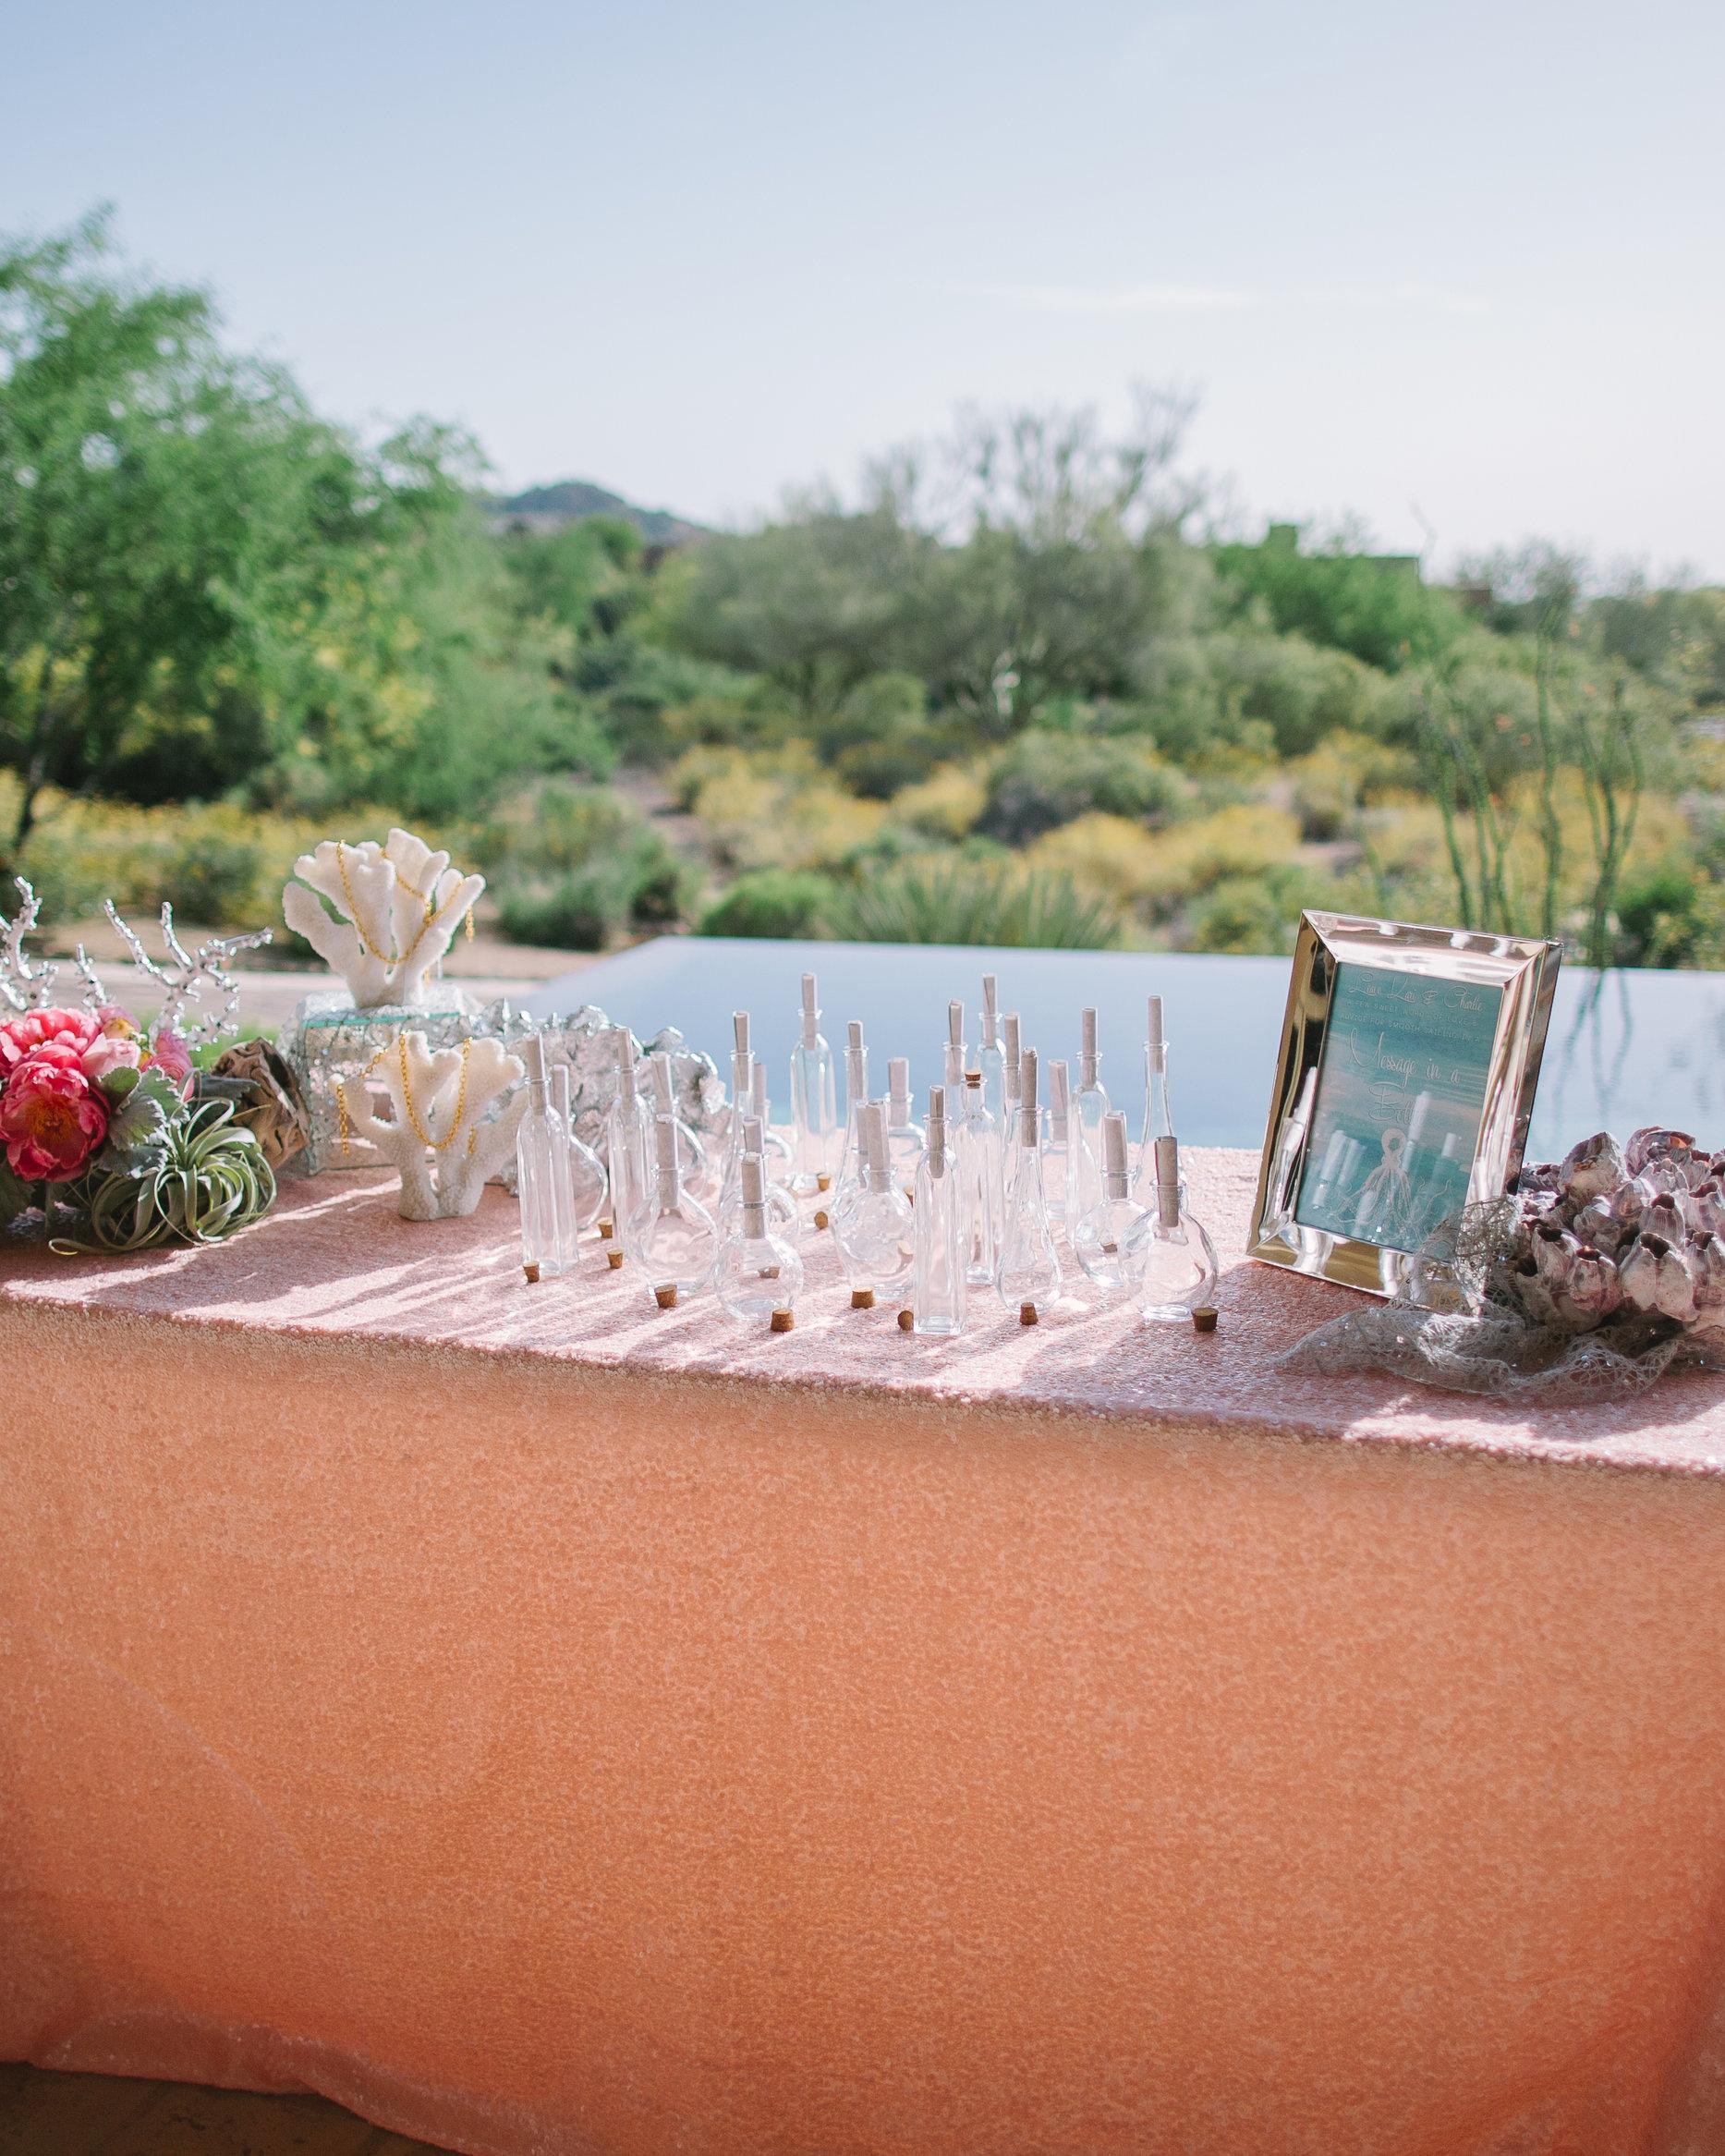 kari-charlie-wedding-scrolls-0314.jpg